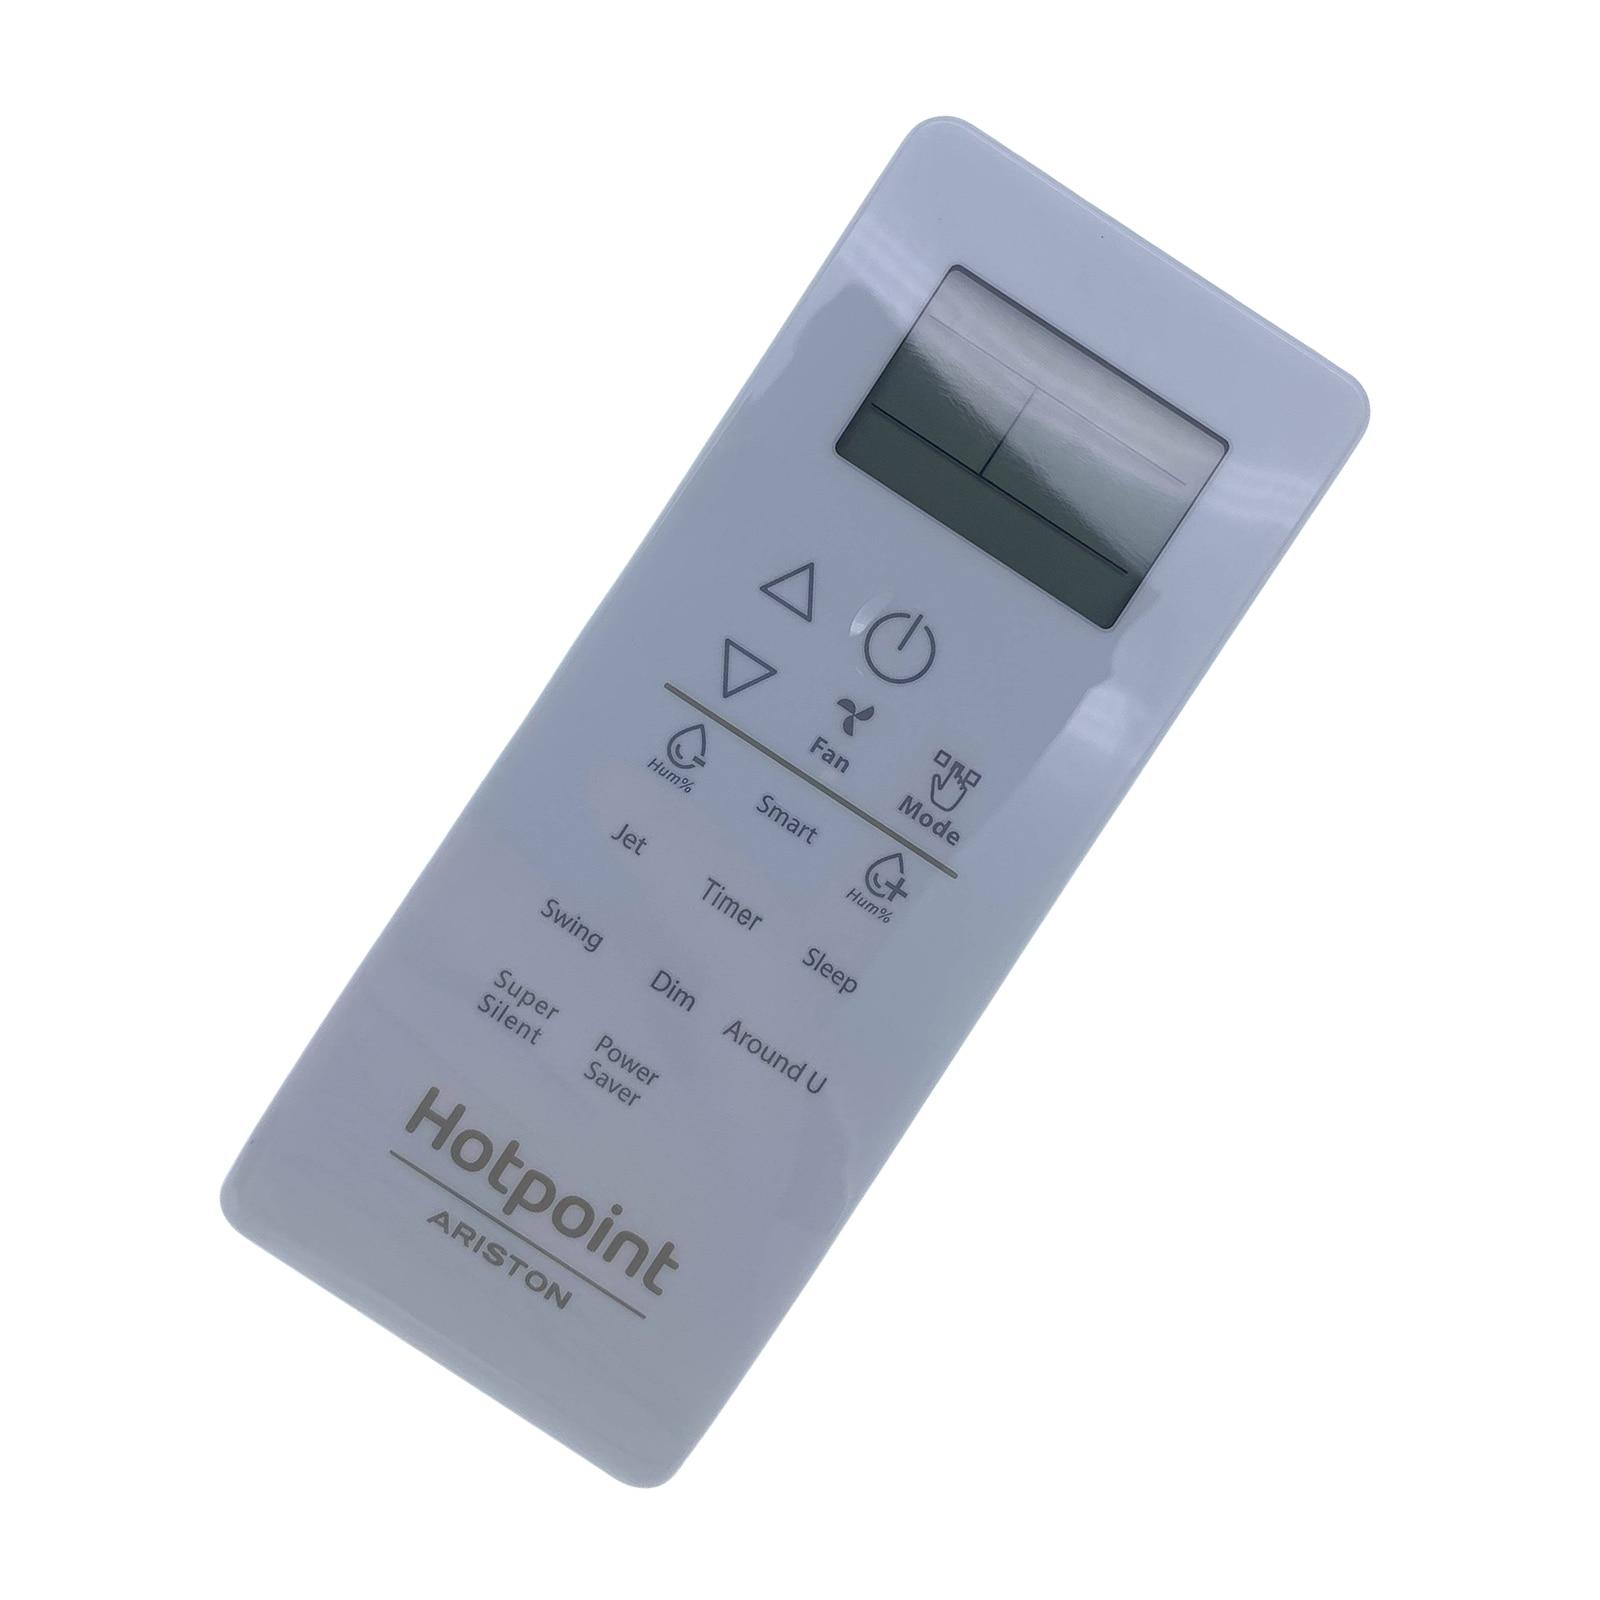 Controle remoto do condicionador de ar de hotpoint-ariston para spiw409llha/spiw412llha/spib412hp/spiw418hp